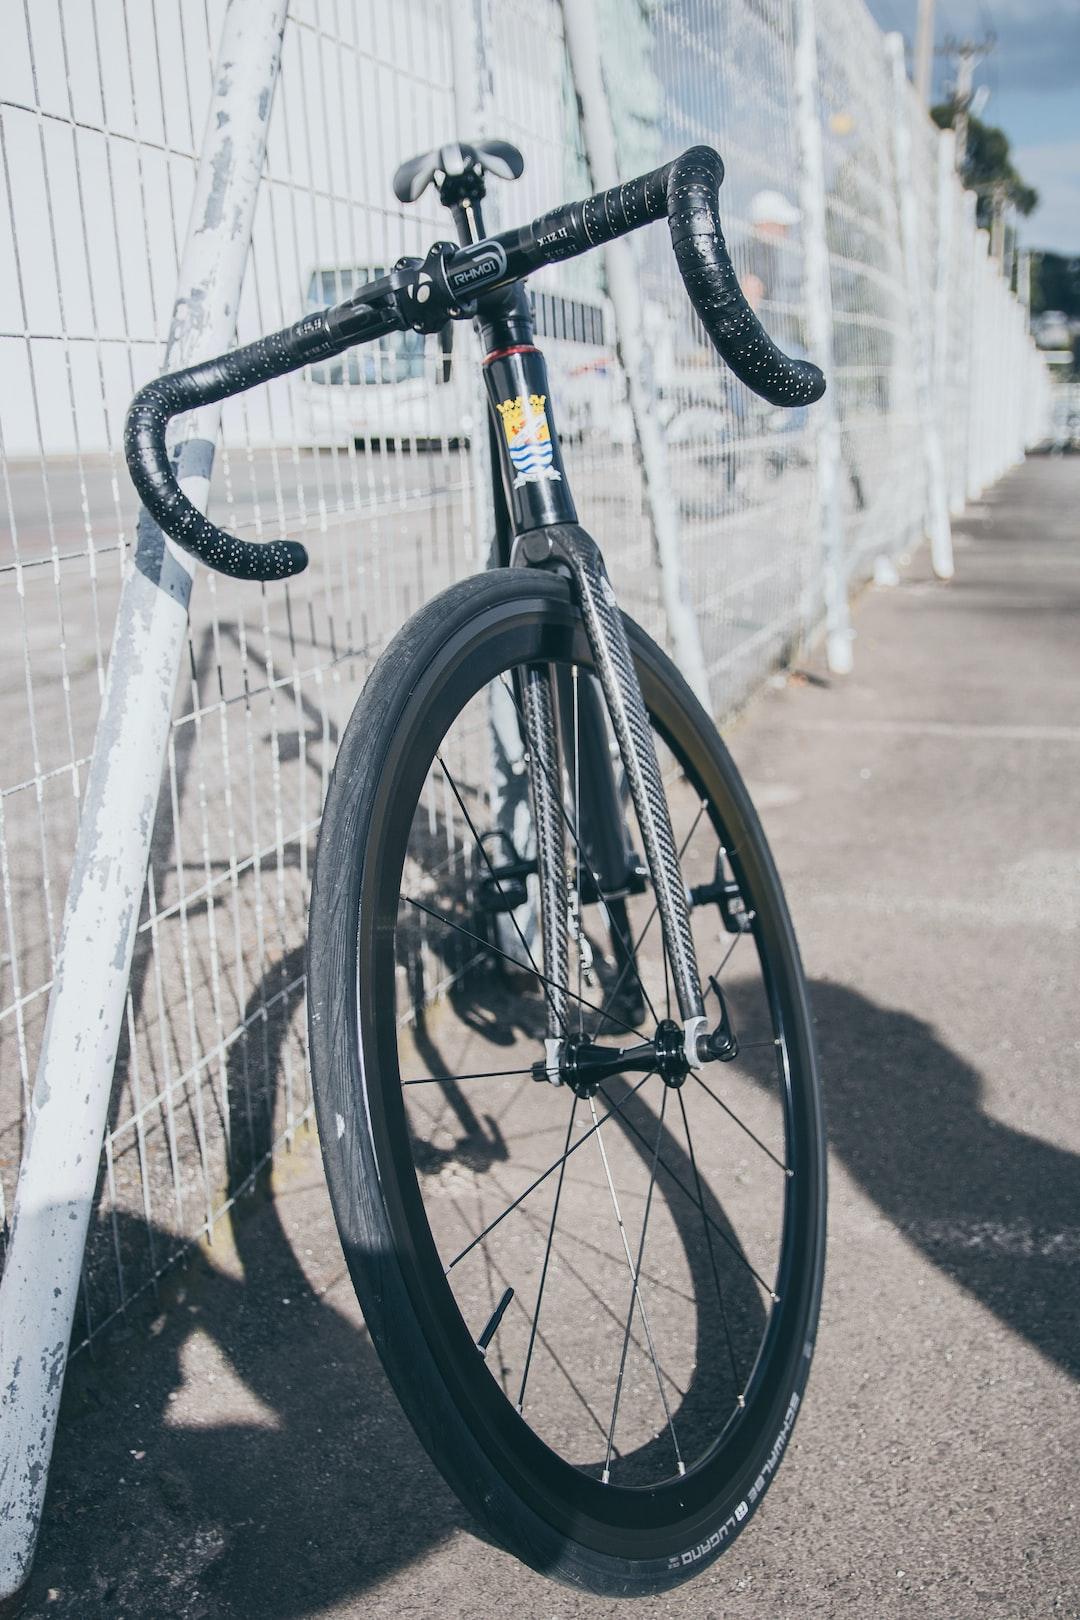 Meu sonho ainda é montar uma bike fixa.